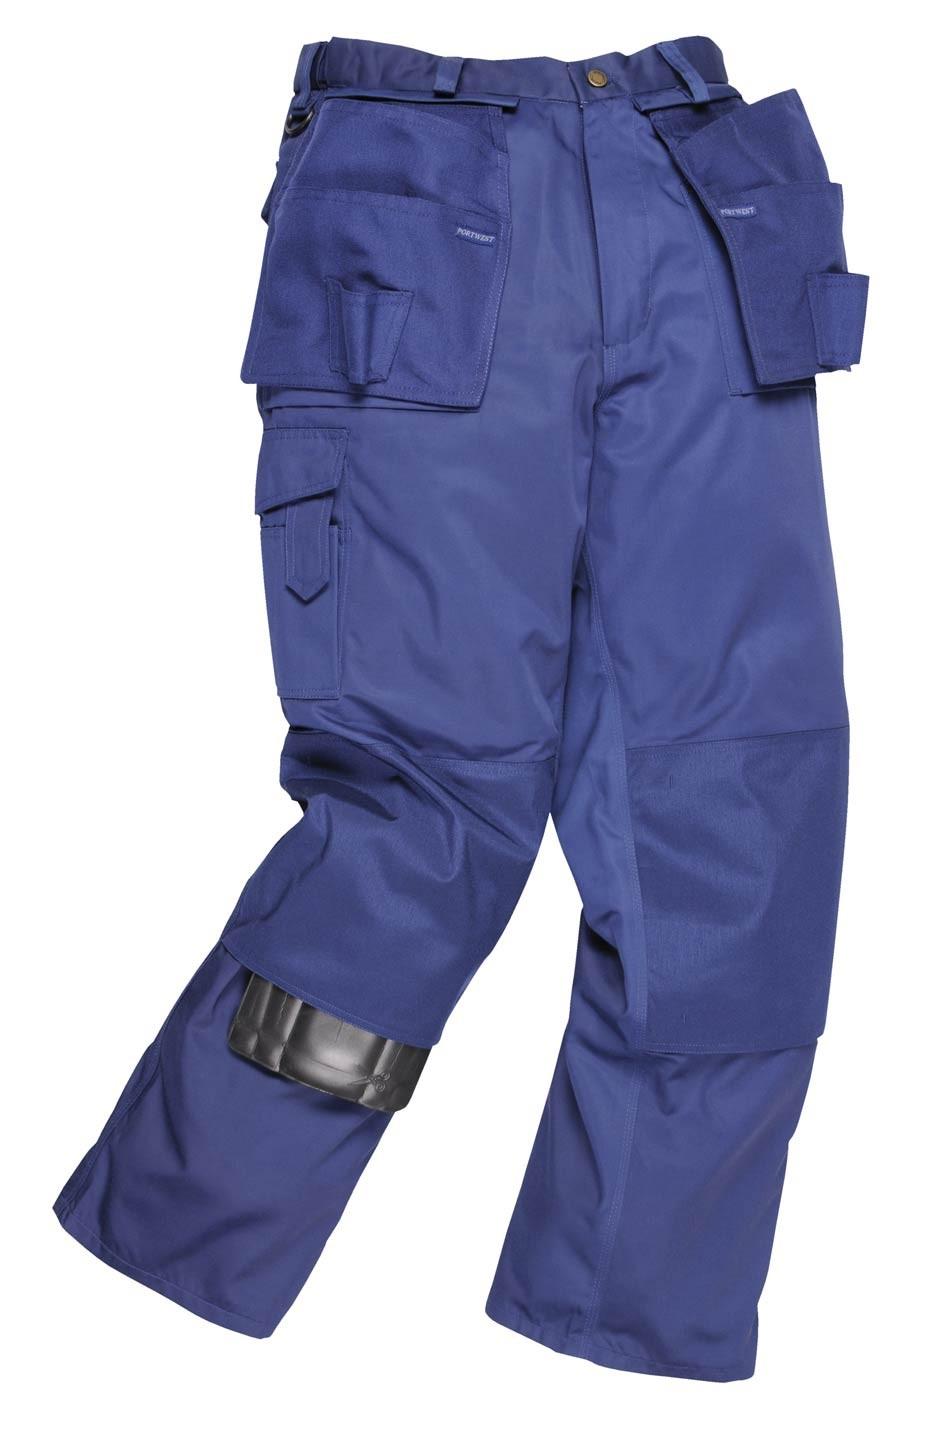 Chicago 13 Pocket Trouser